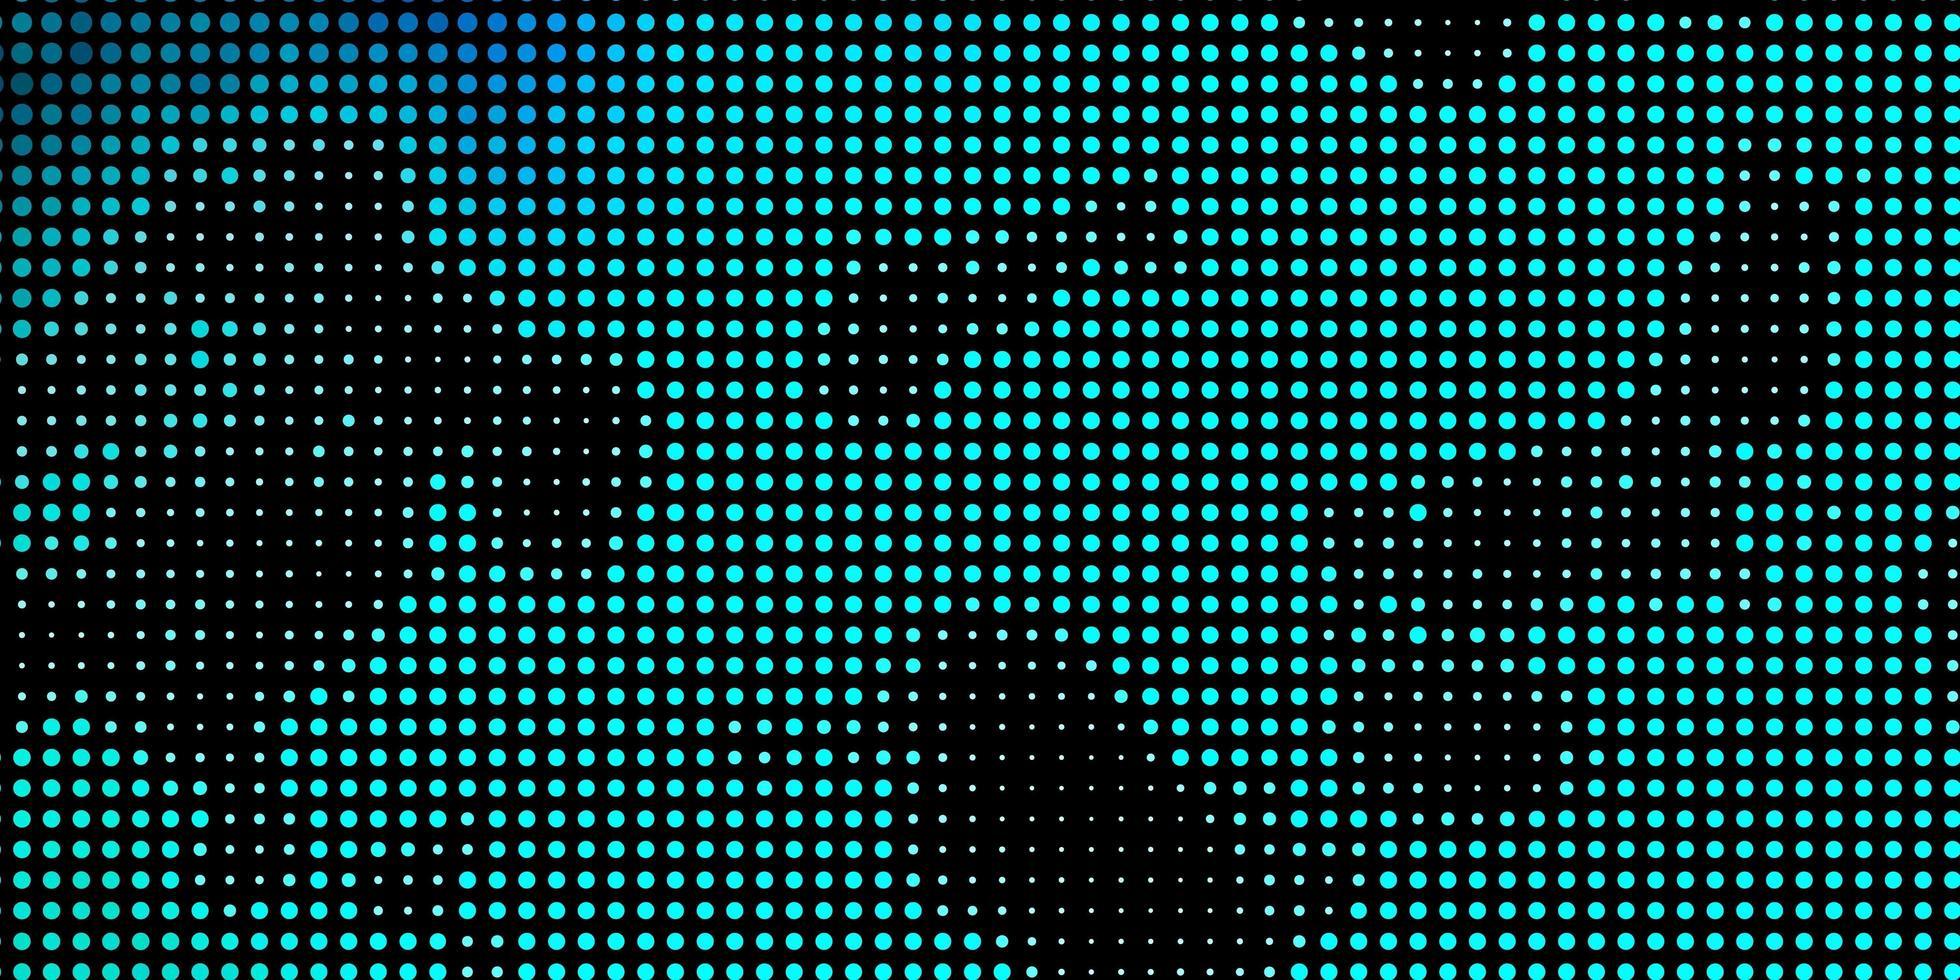 textura de vector azul claro con círculos